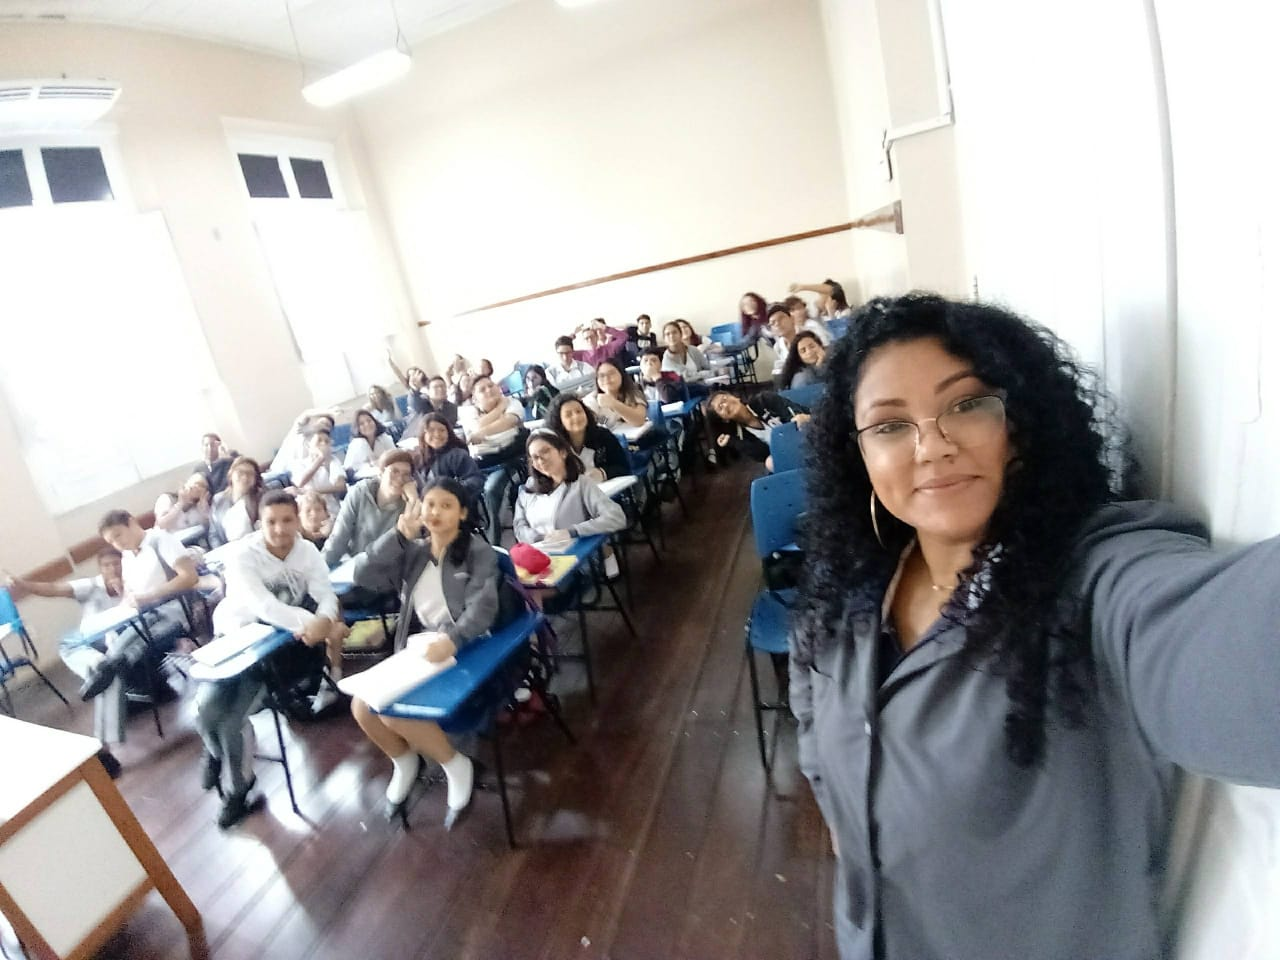 El desaliento es uno de los estragos de la pandemia en la educación en Brasil, que ya padece de crónicas deficiencias, agravadas por la gestión reaccionaria de un gobierno de extrema derecha, que en dos años y medio ya tuvo cuatro ministros de Educación.